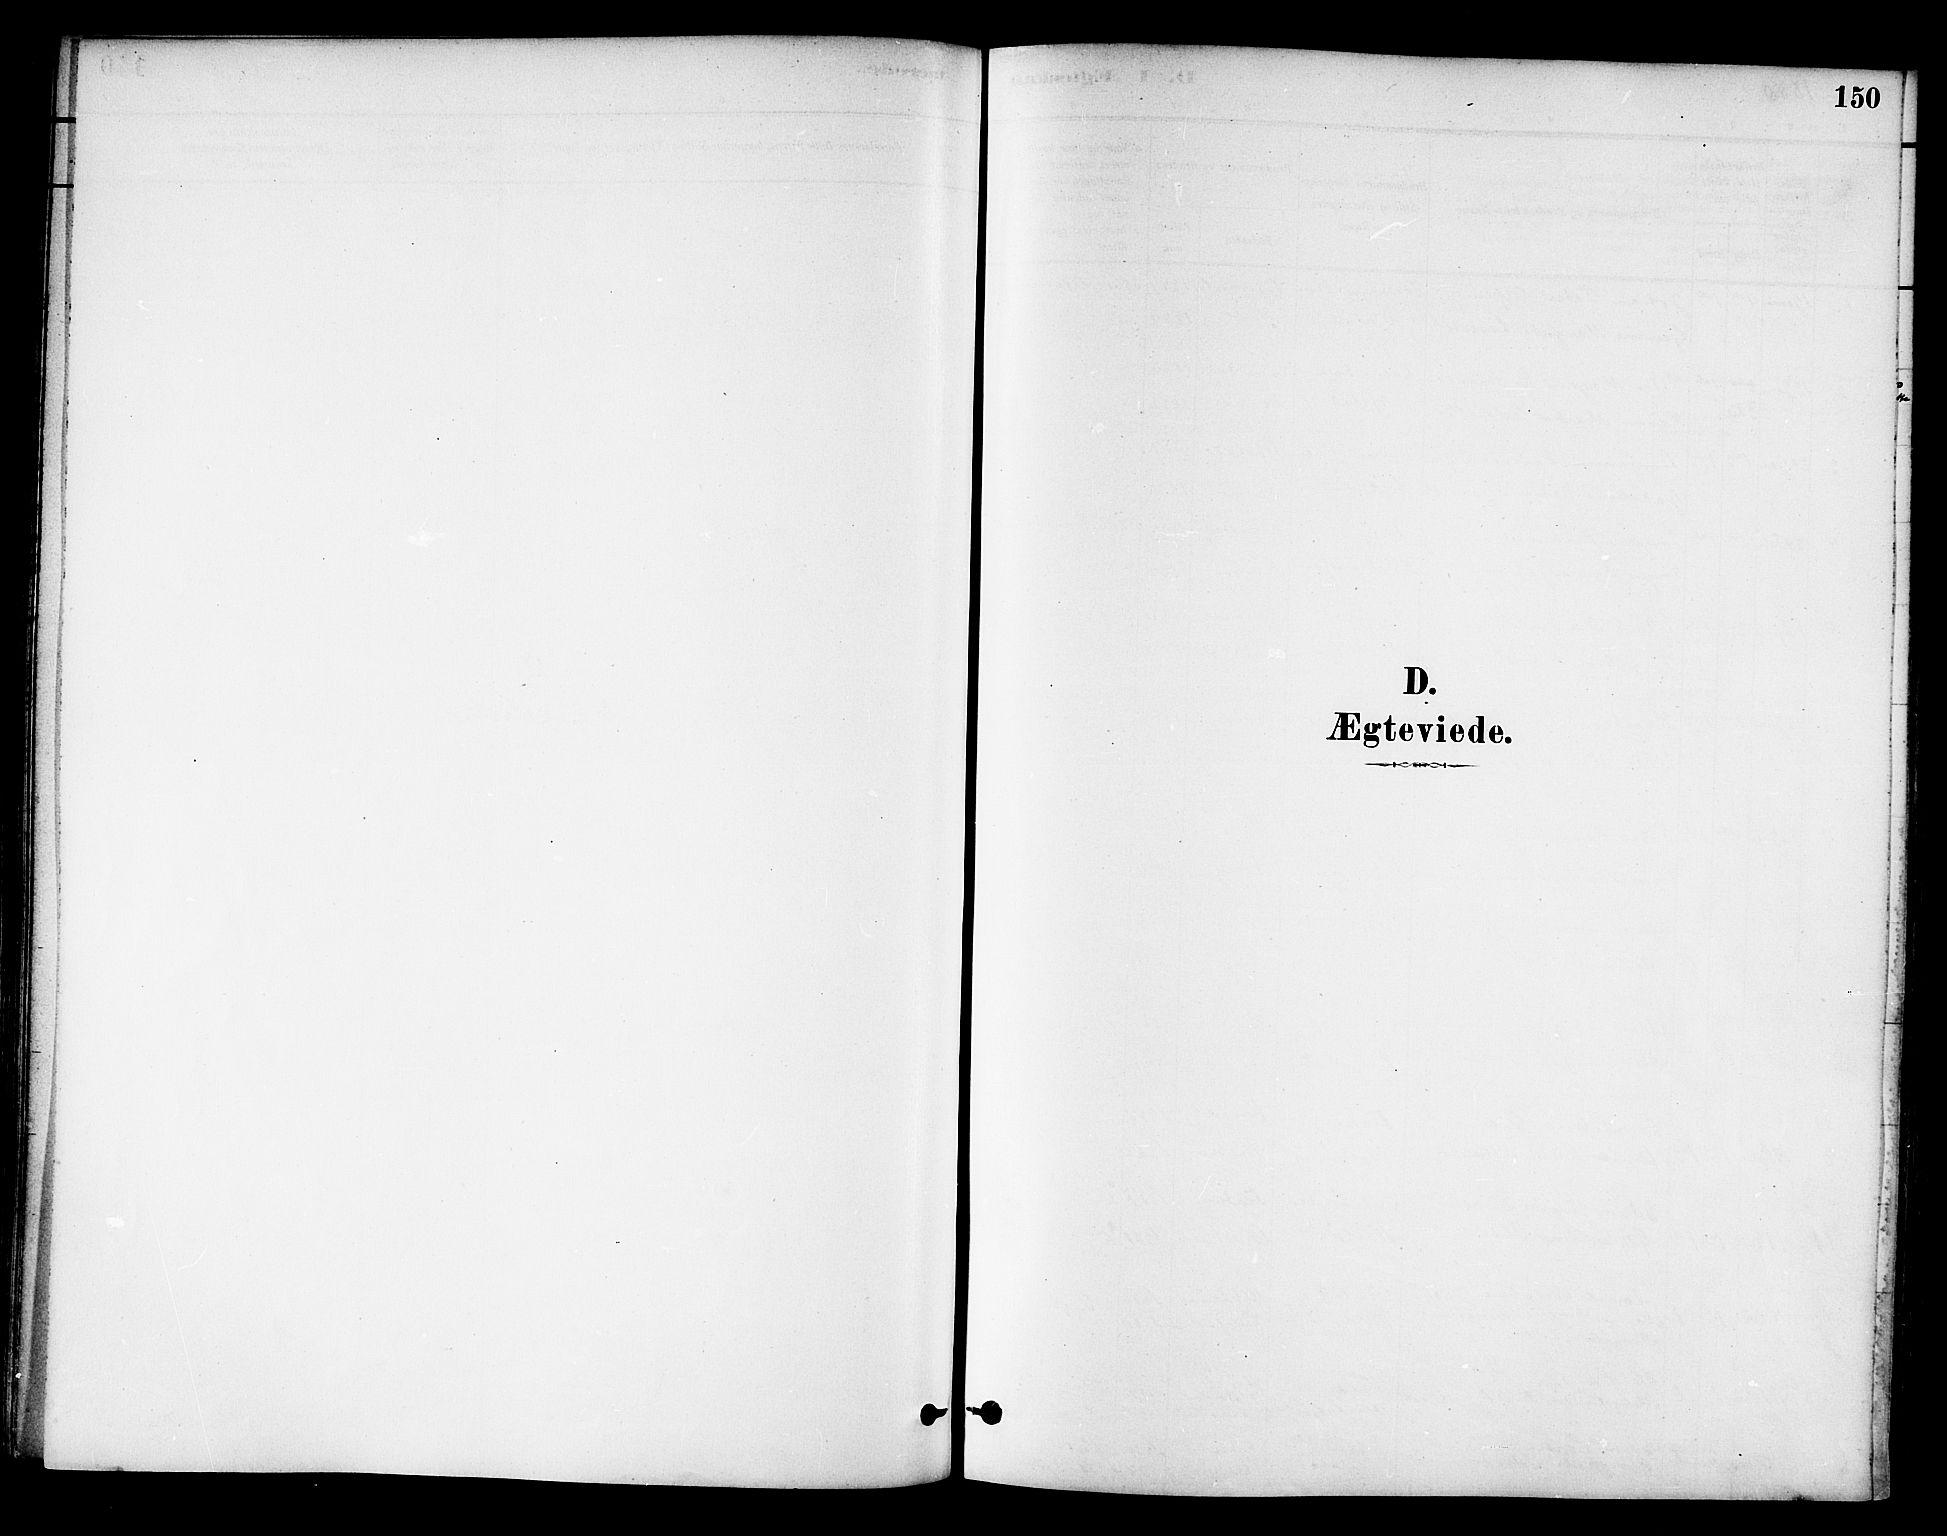 SAT, Ministerialprotokoller, klokkerbøker og fødselsregistre - Nord-Trøndelag, 786/L0686: Ministerialbok nr. 786A02, 1880-1887, s. 150